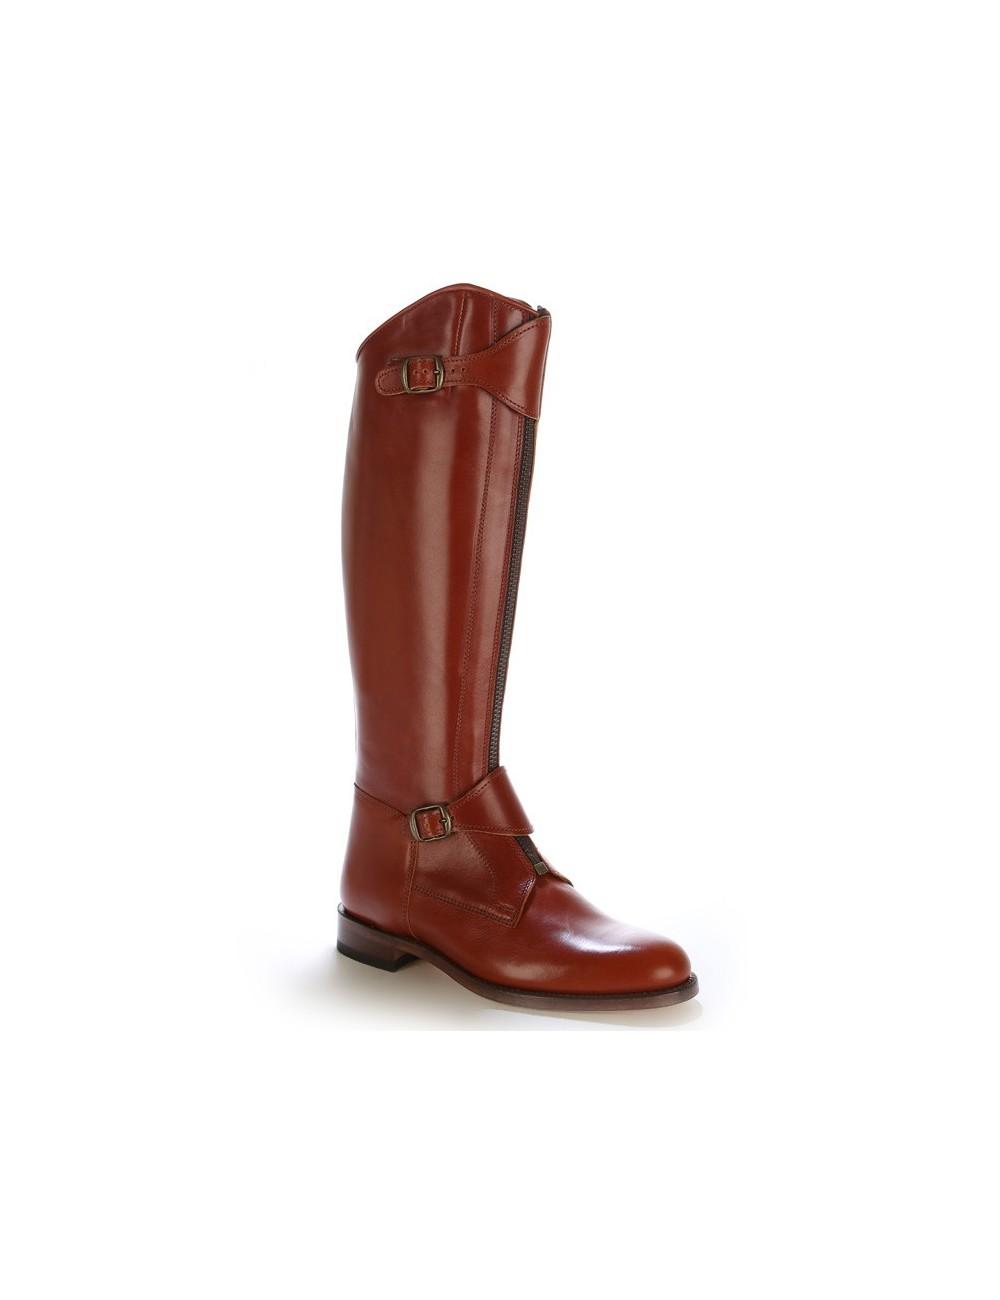 Bottes équitation / polo cuir marron cuivré - Bottes équitation artisanales